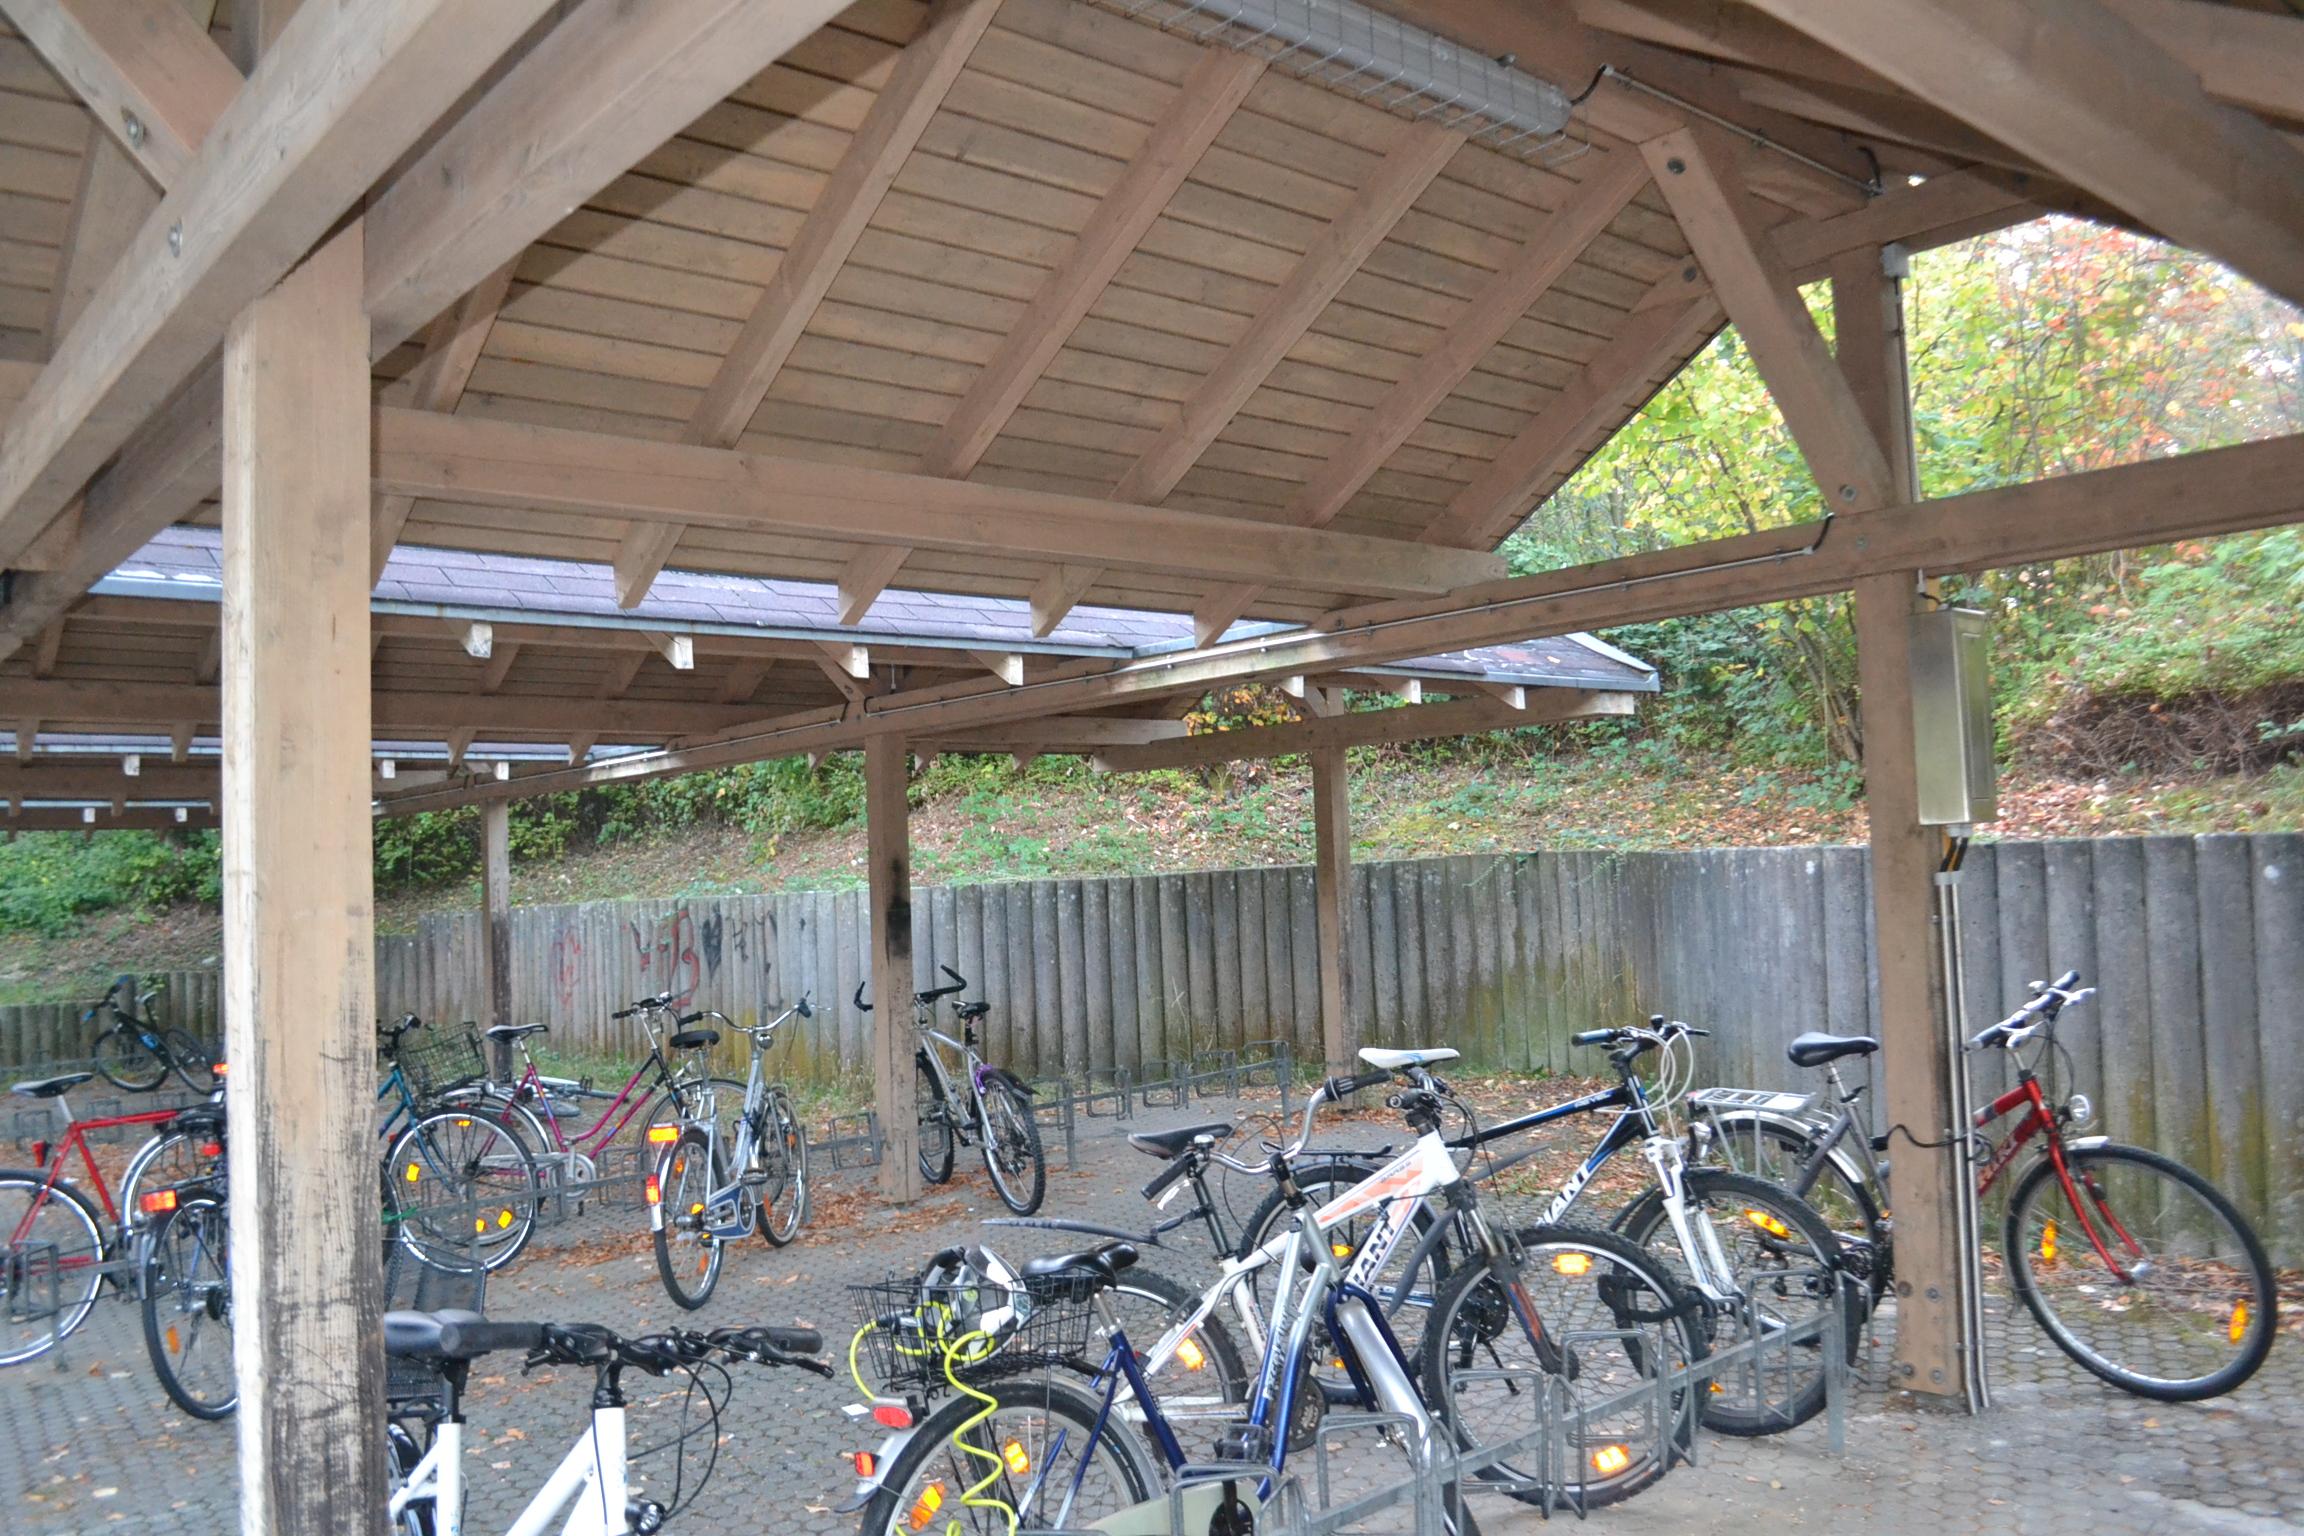 Mobilitatspunkt Gingen Beleuchtung Fahrradstander Am Bahnhof